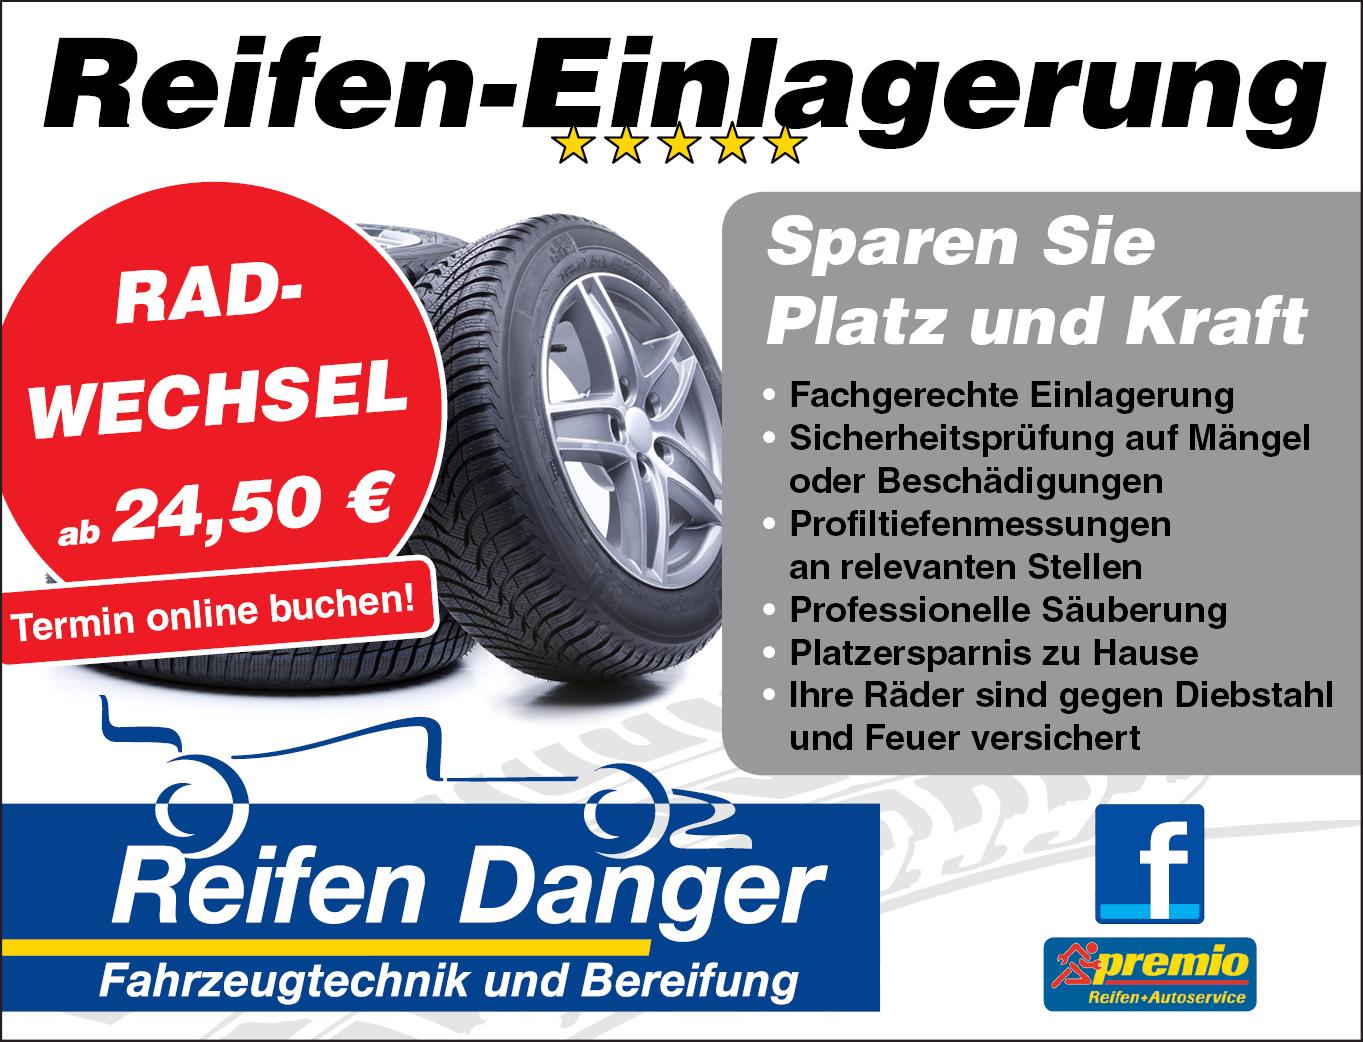 Reifen Danger